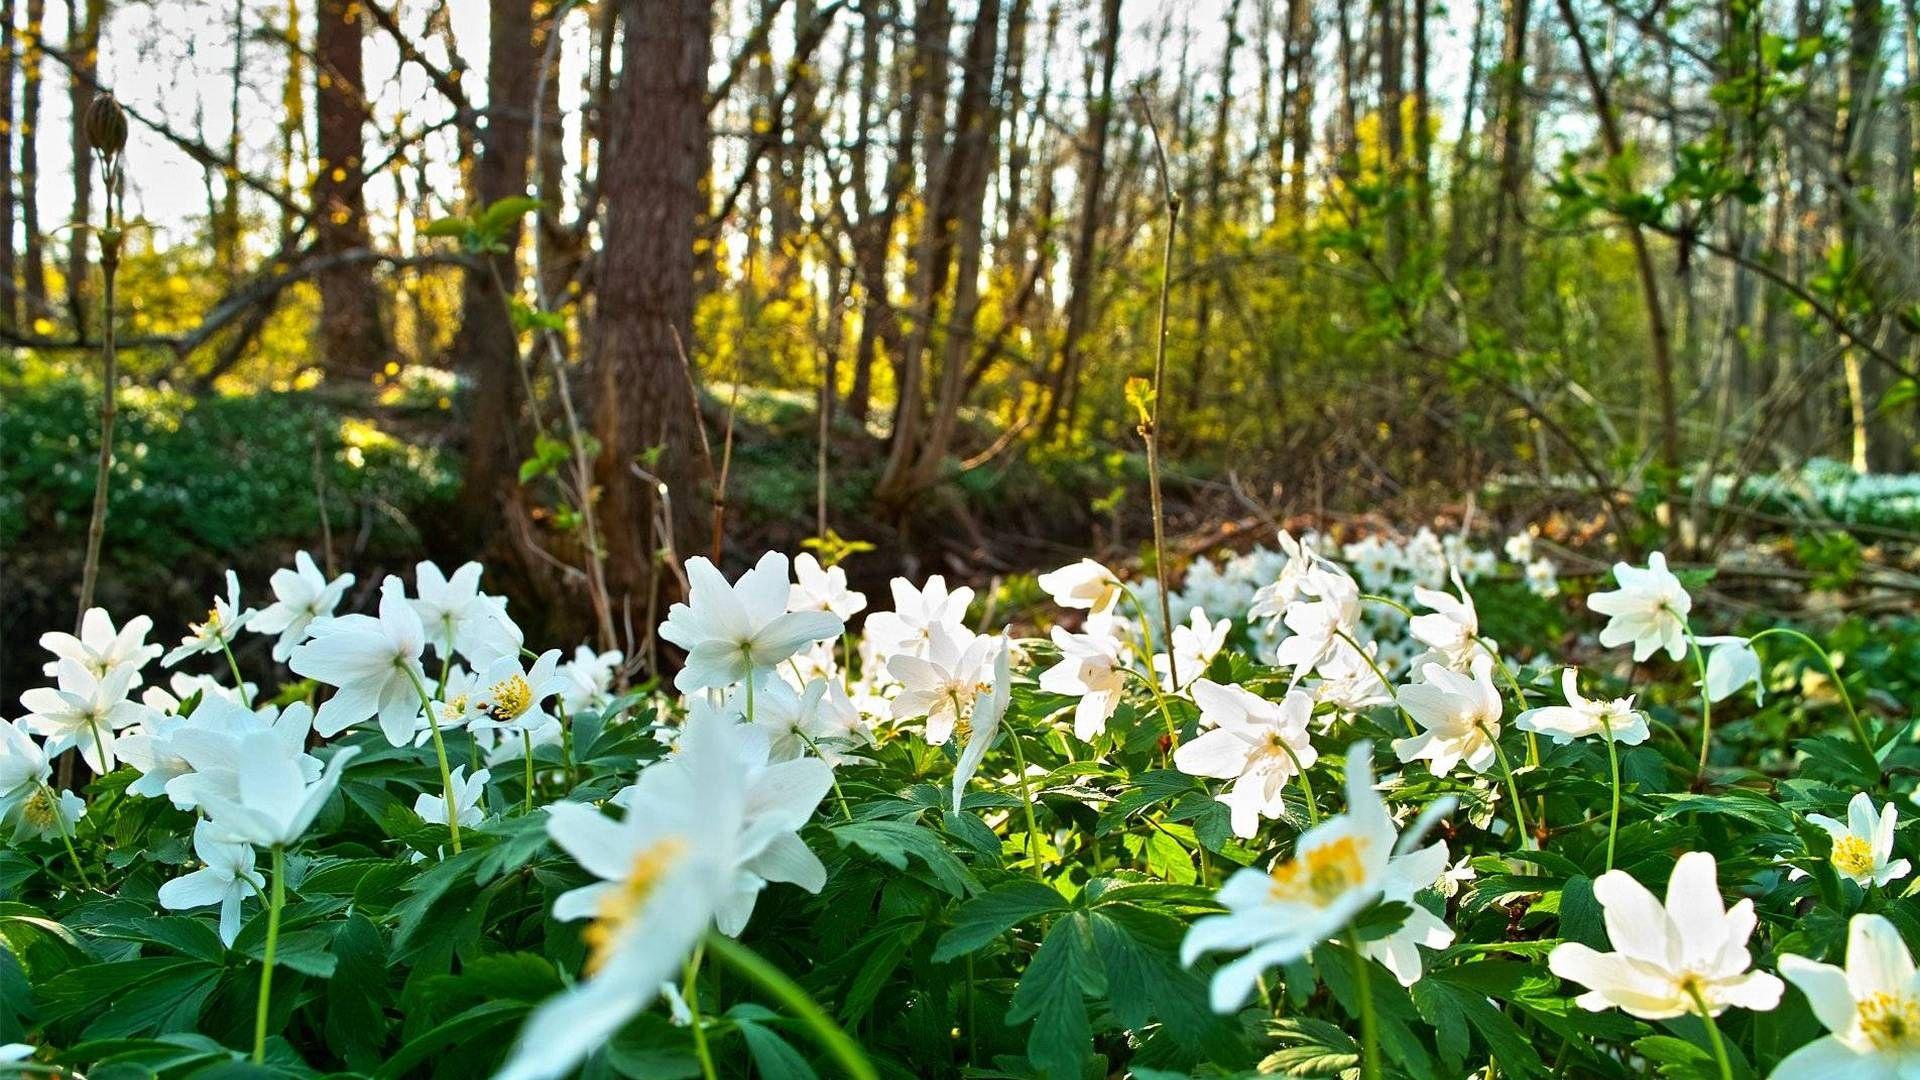 97550 Salvapantallas y fondos de pantalla Flores en tu teléfono. Descarga imágenes de Hierba, Naturaleza, Flores gratis